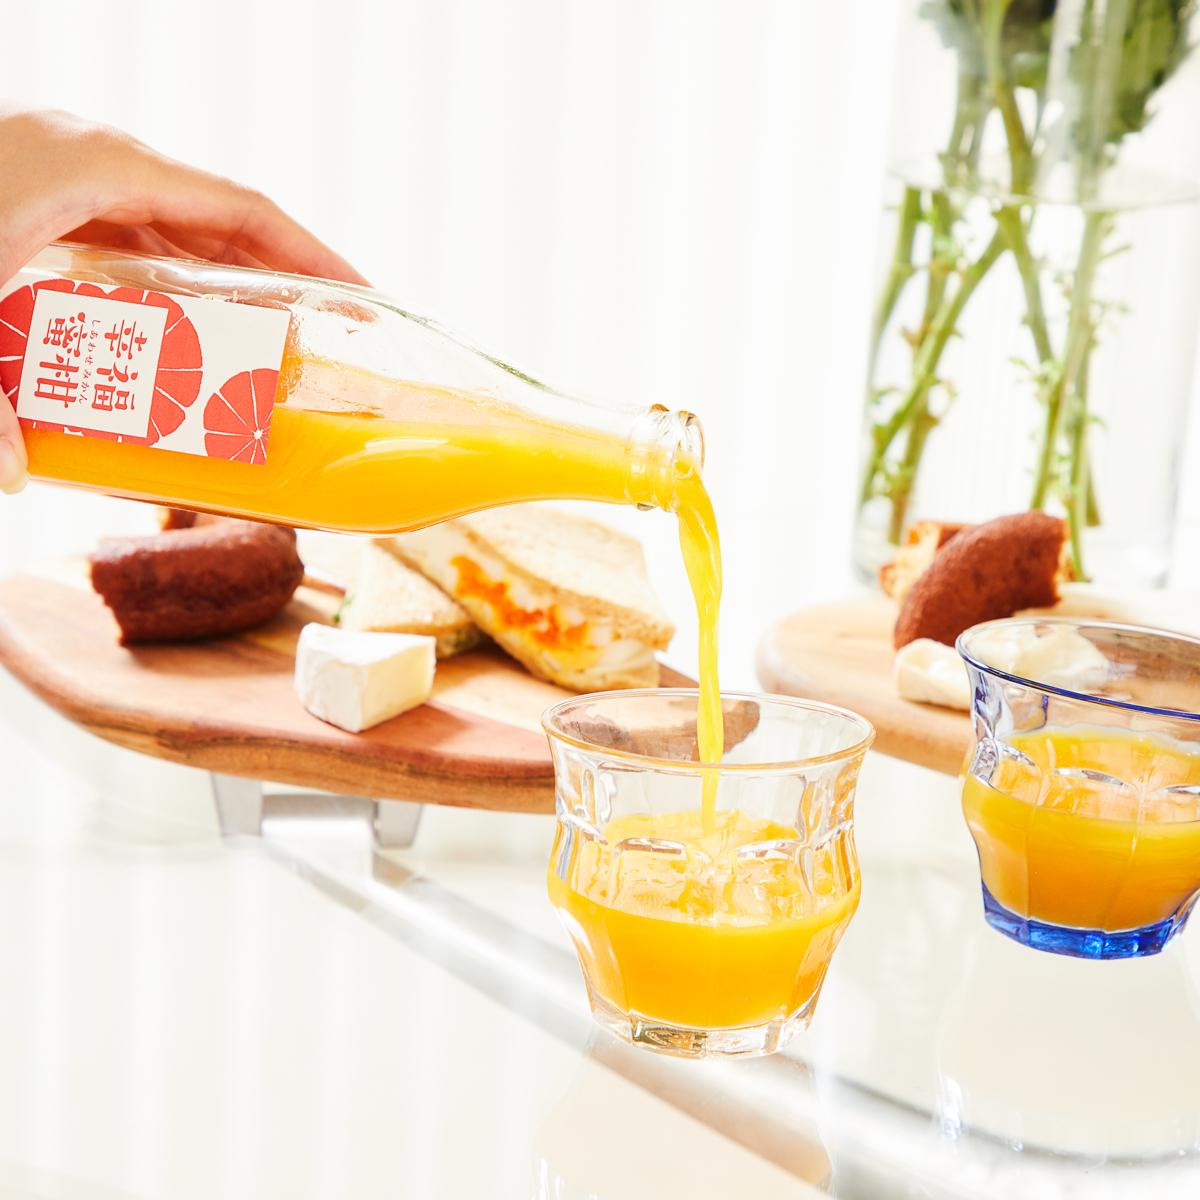 一口ひとくち味わいたくなる、みかんジュース|手間ひまかけた分だけ、おいしい味になってくれる